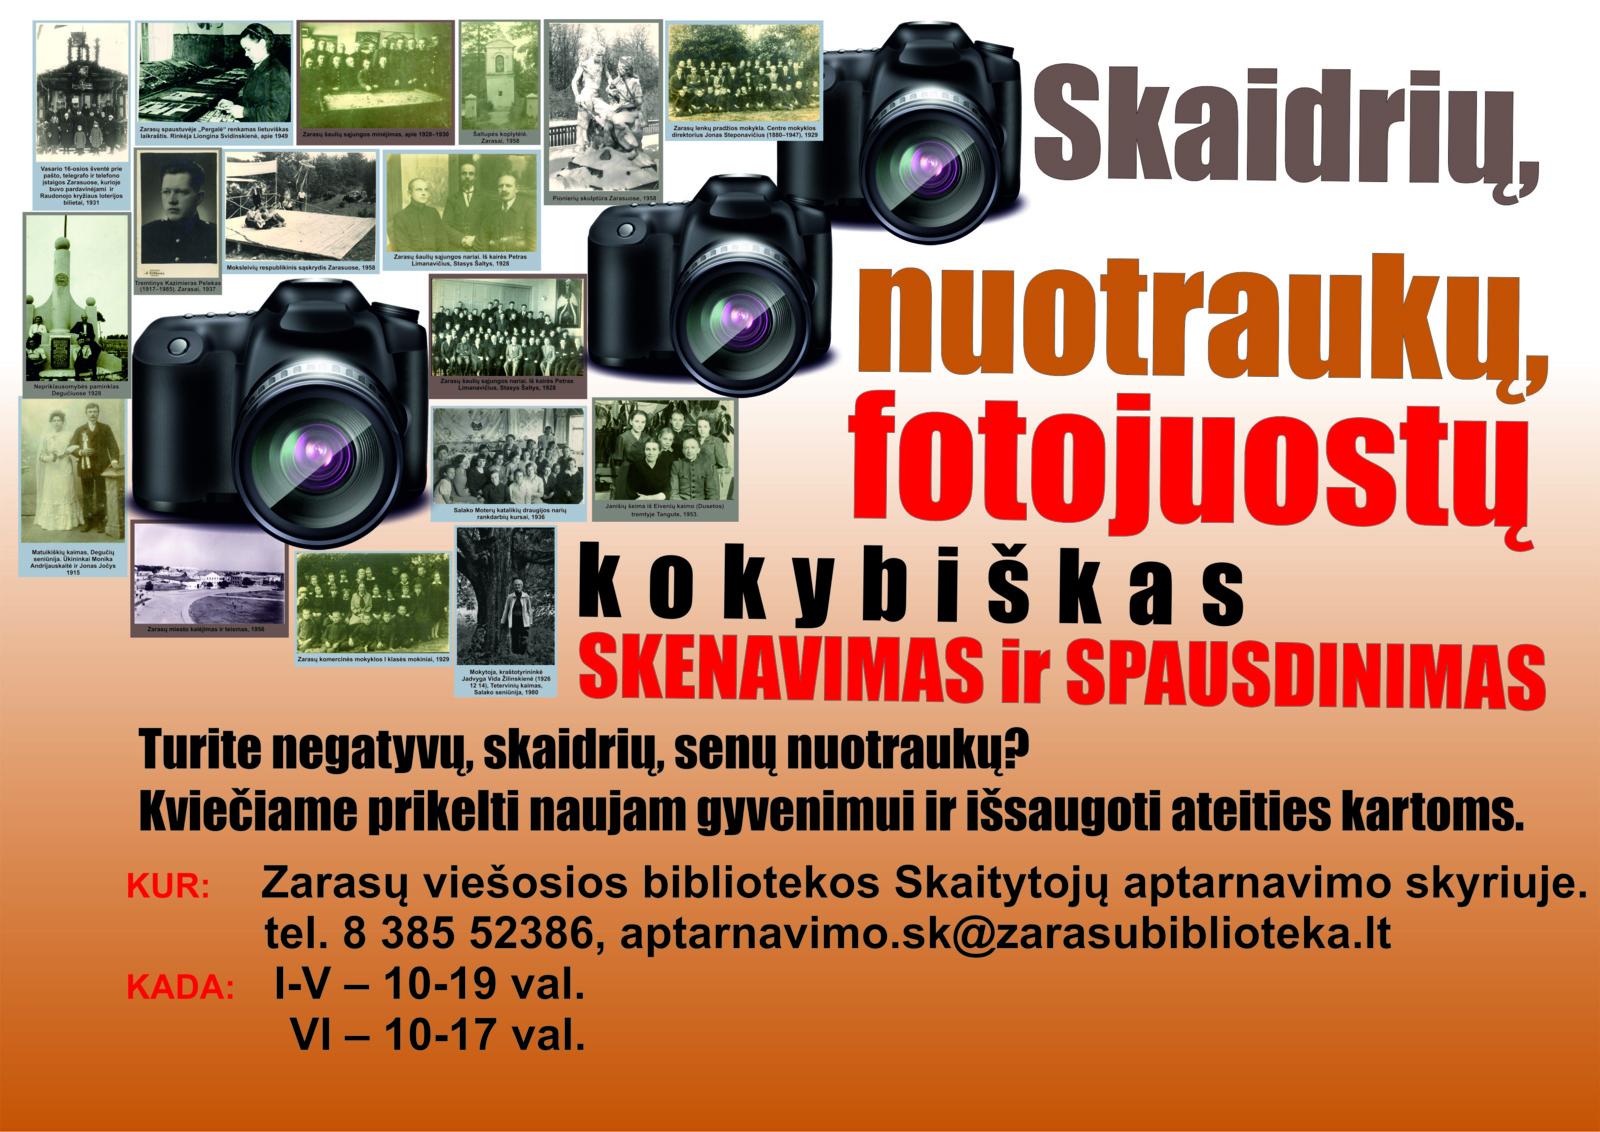 Skaidrių, nuotraukų, fotojuostų kokybiškas skenavimas